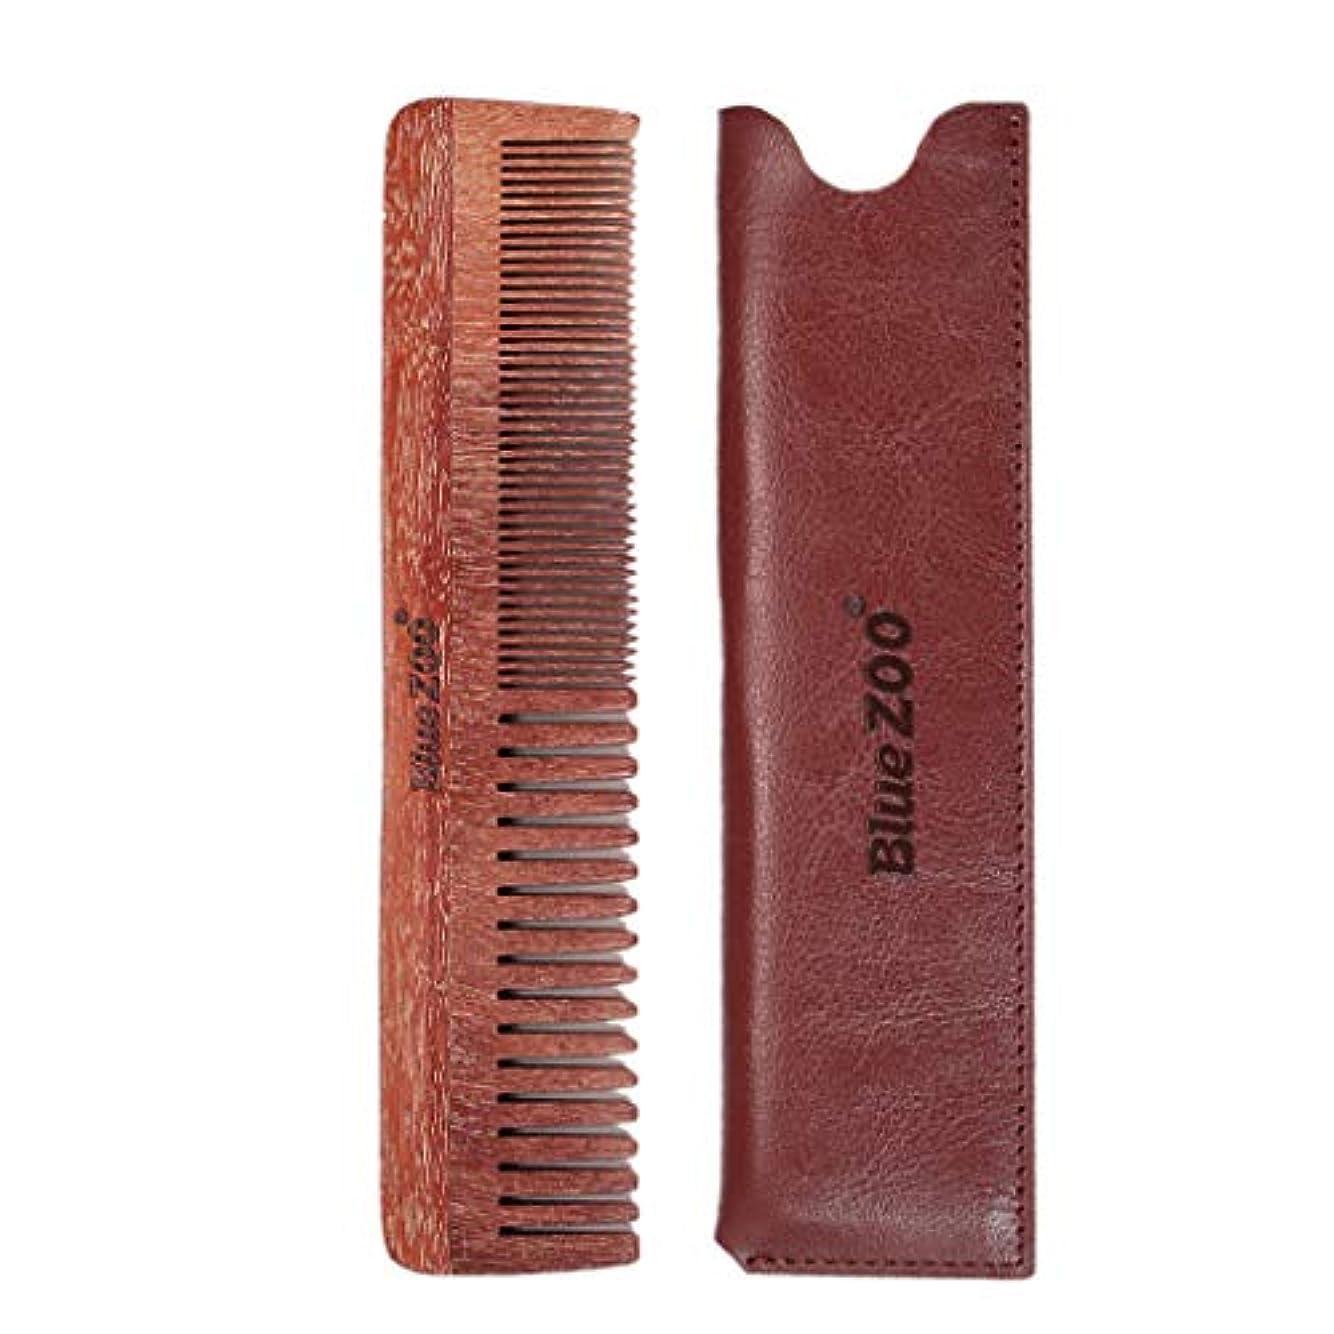 武器骨の折れる無駄B Baosity ウッドコーム 口ひげ櫛 ダブルサイド メンズ プレゼント 2色選べ - 褐色